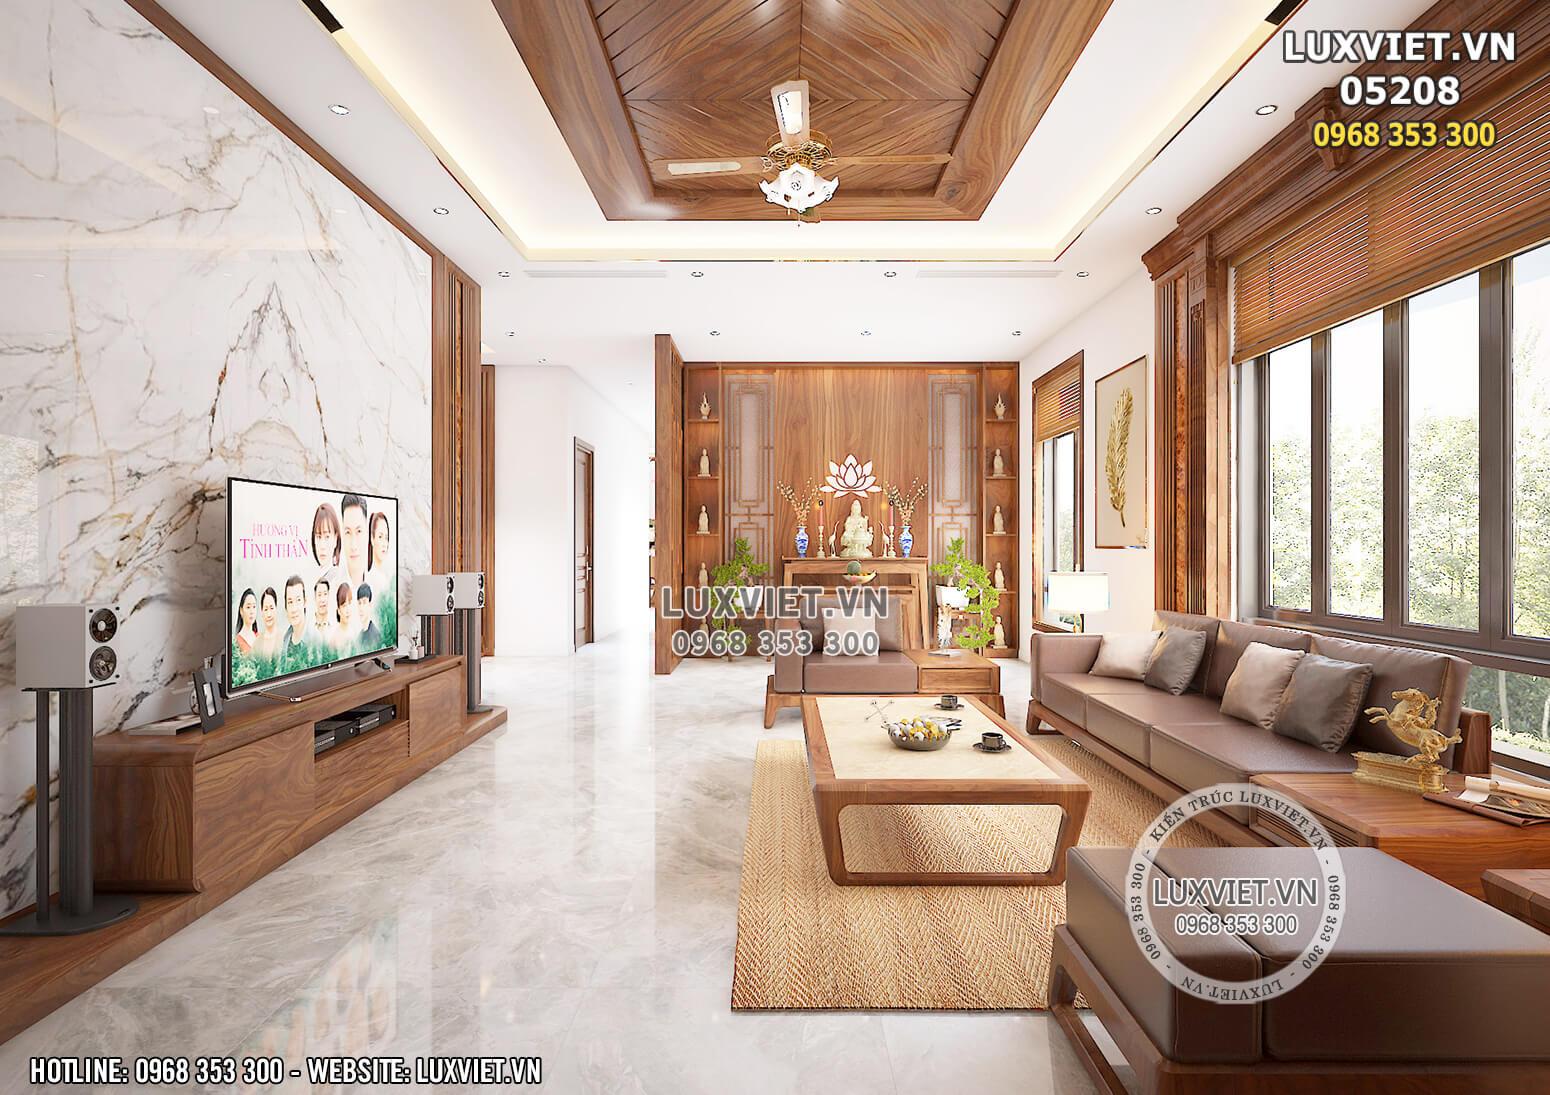 Hình ảnh: Thiết kế phòng khách bằng gỗ óc chó hiện đại - LV 05208